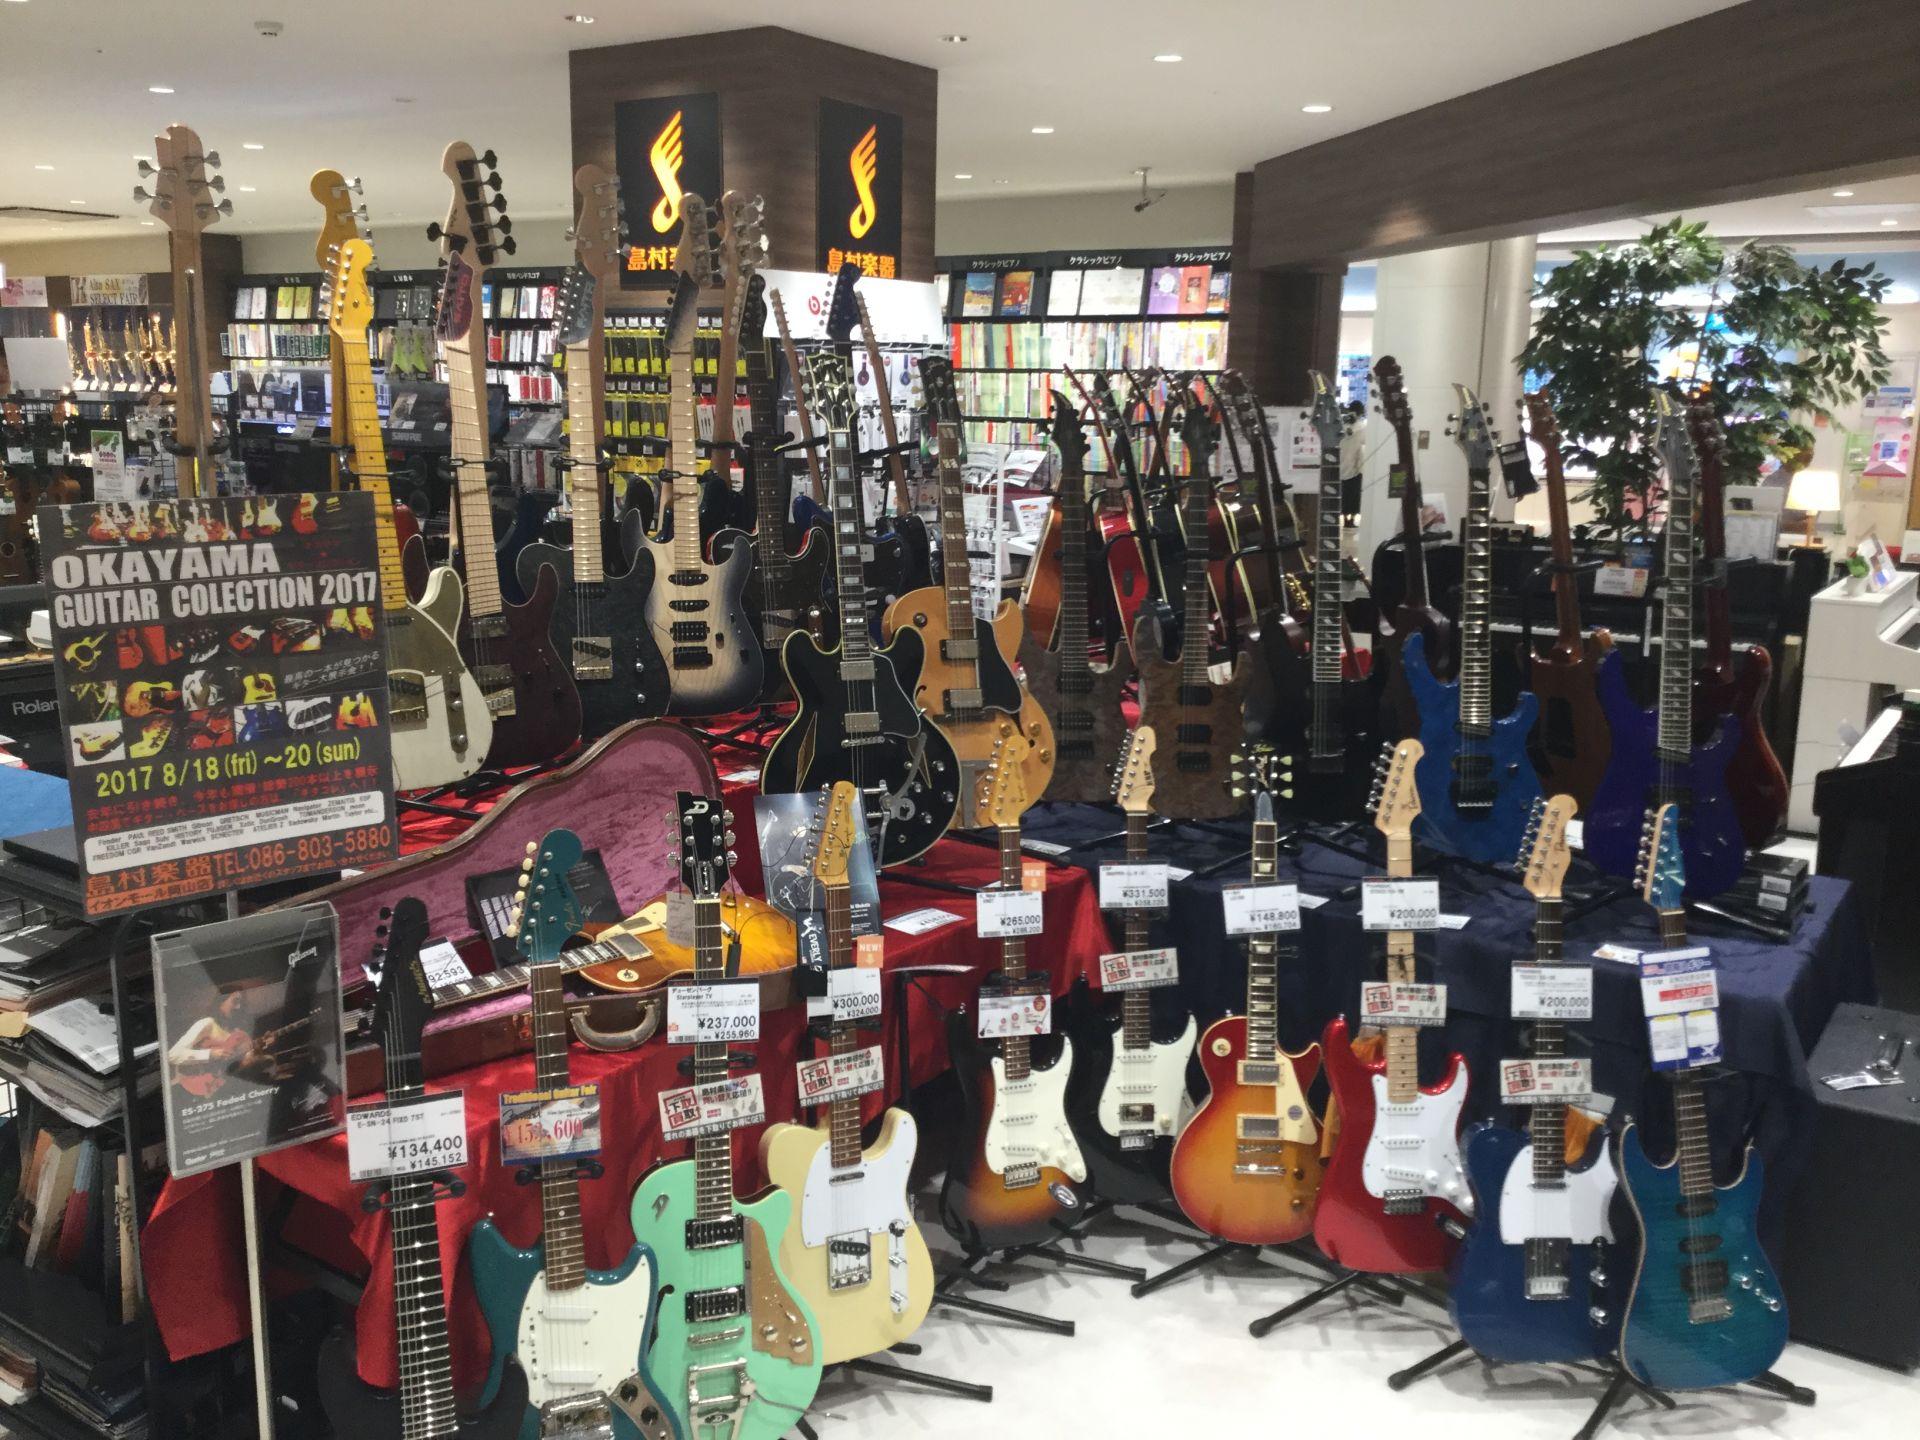 ギターコレクション2017